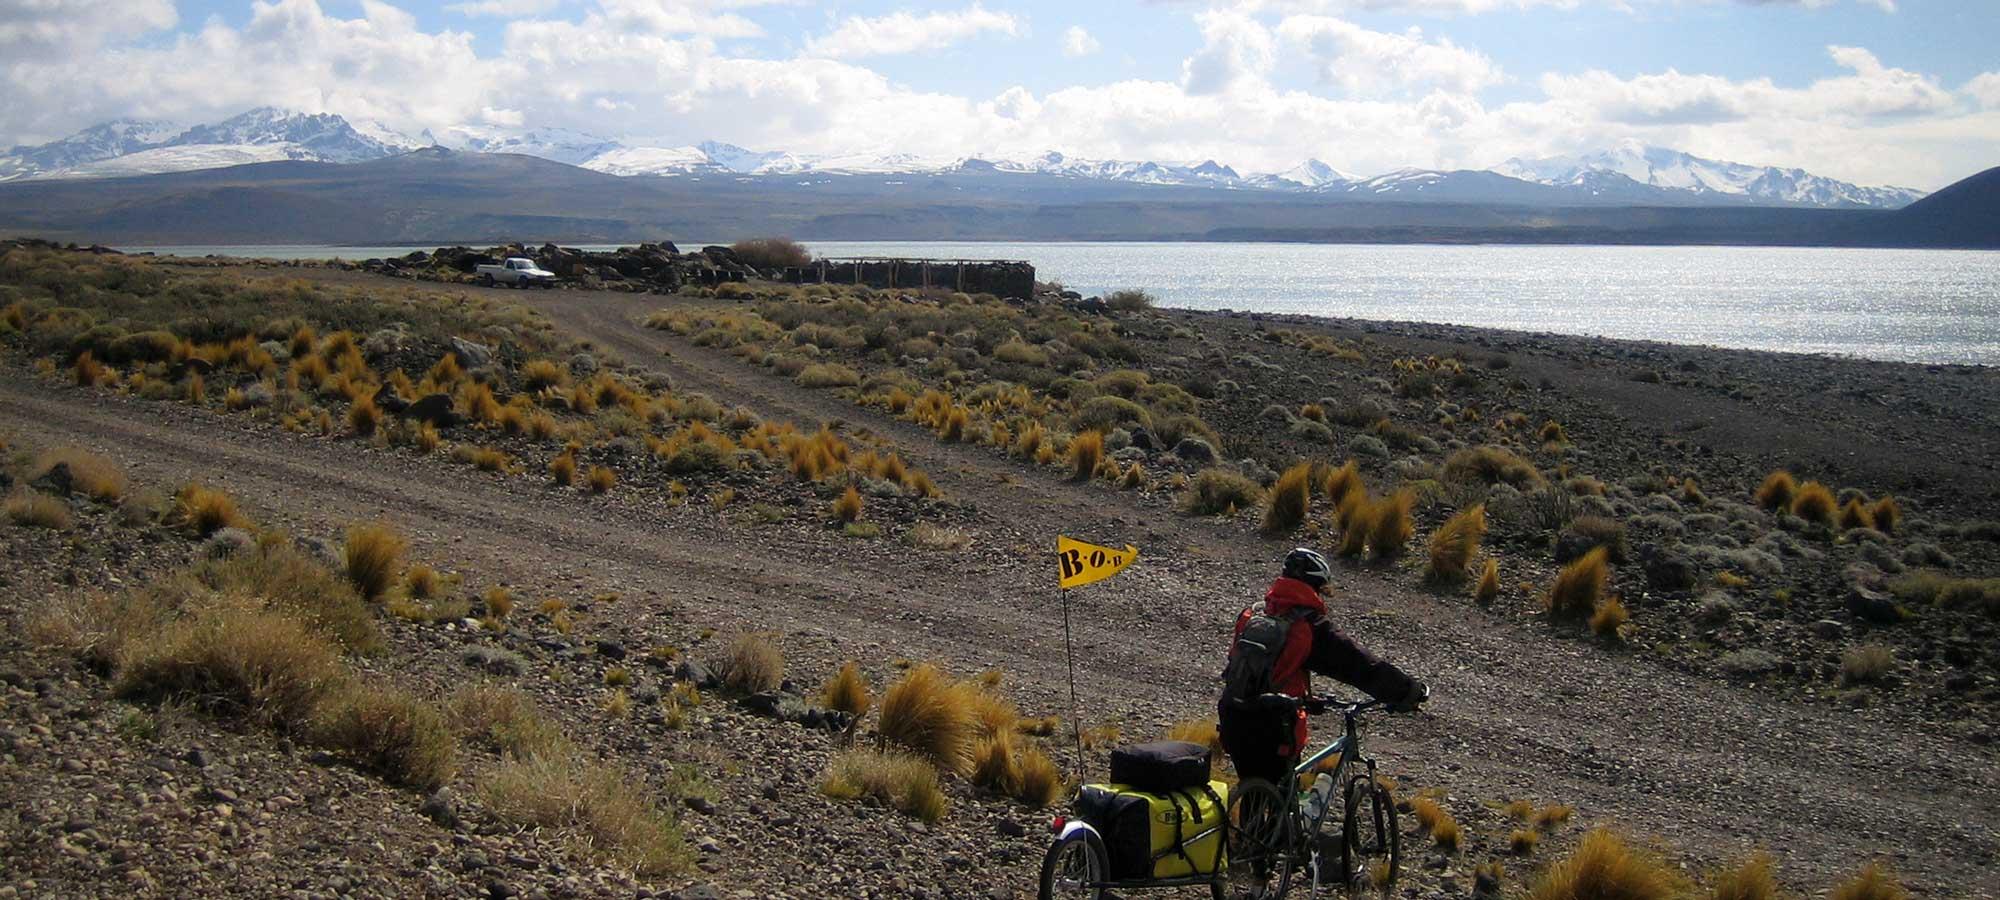 Neuquen to San Martin de Los Andes